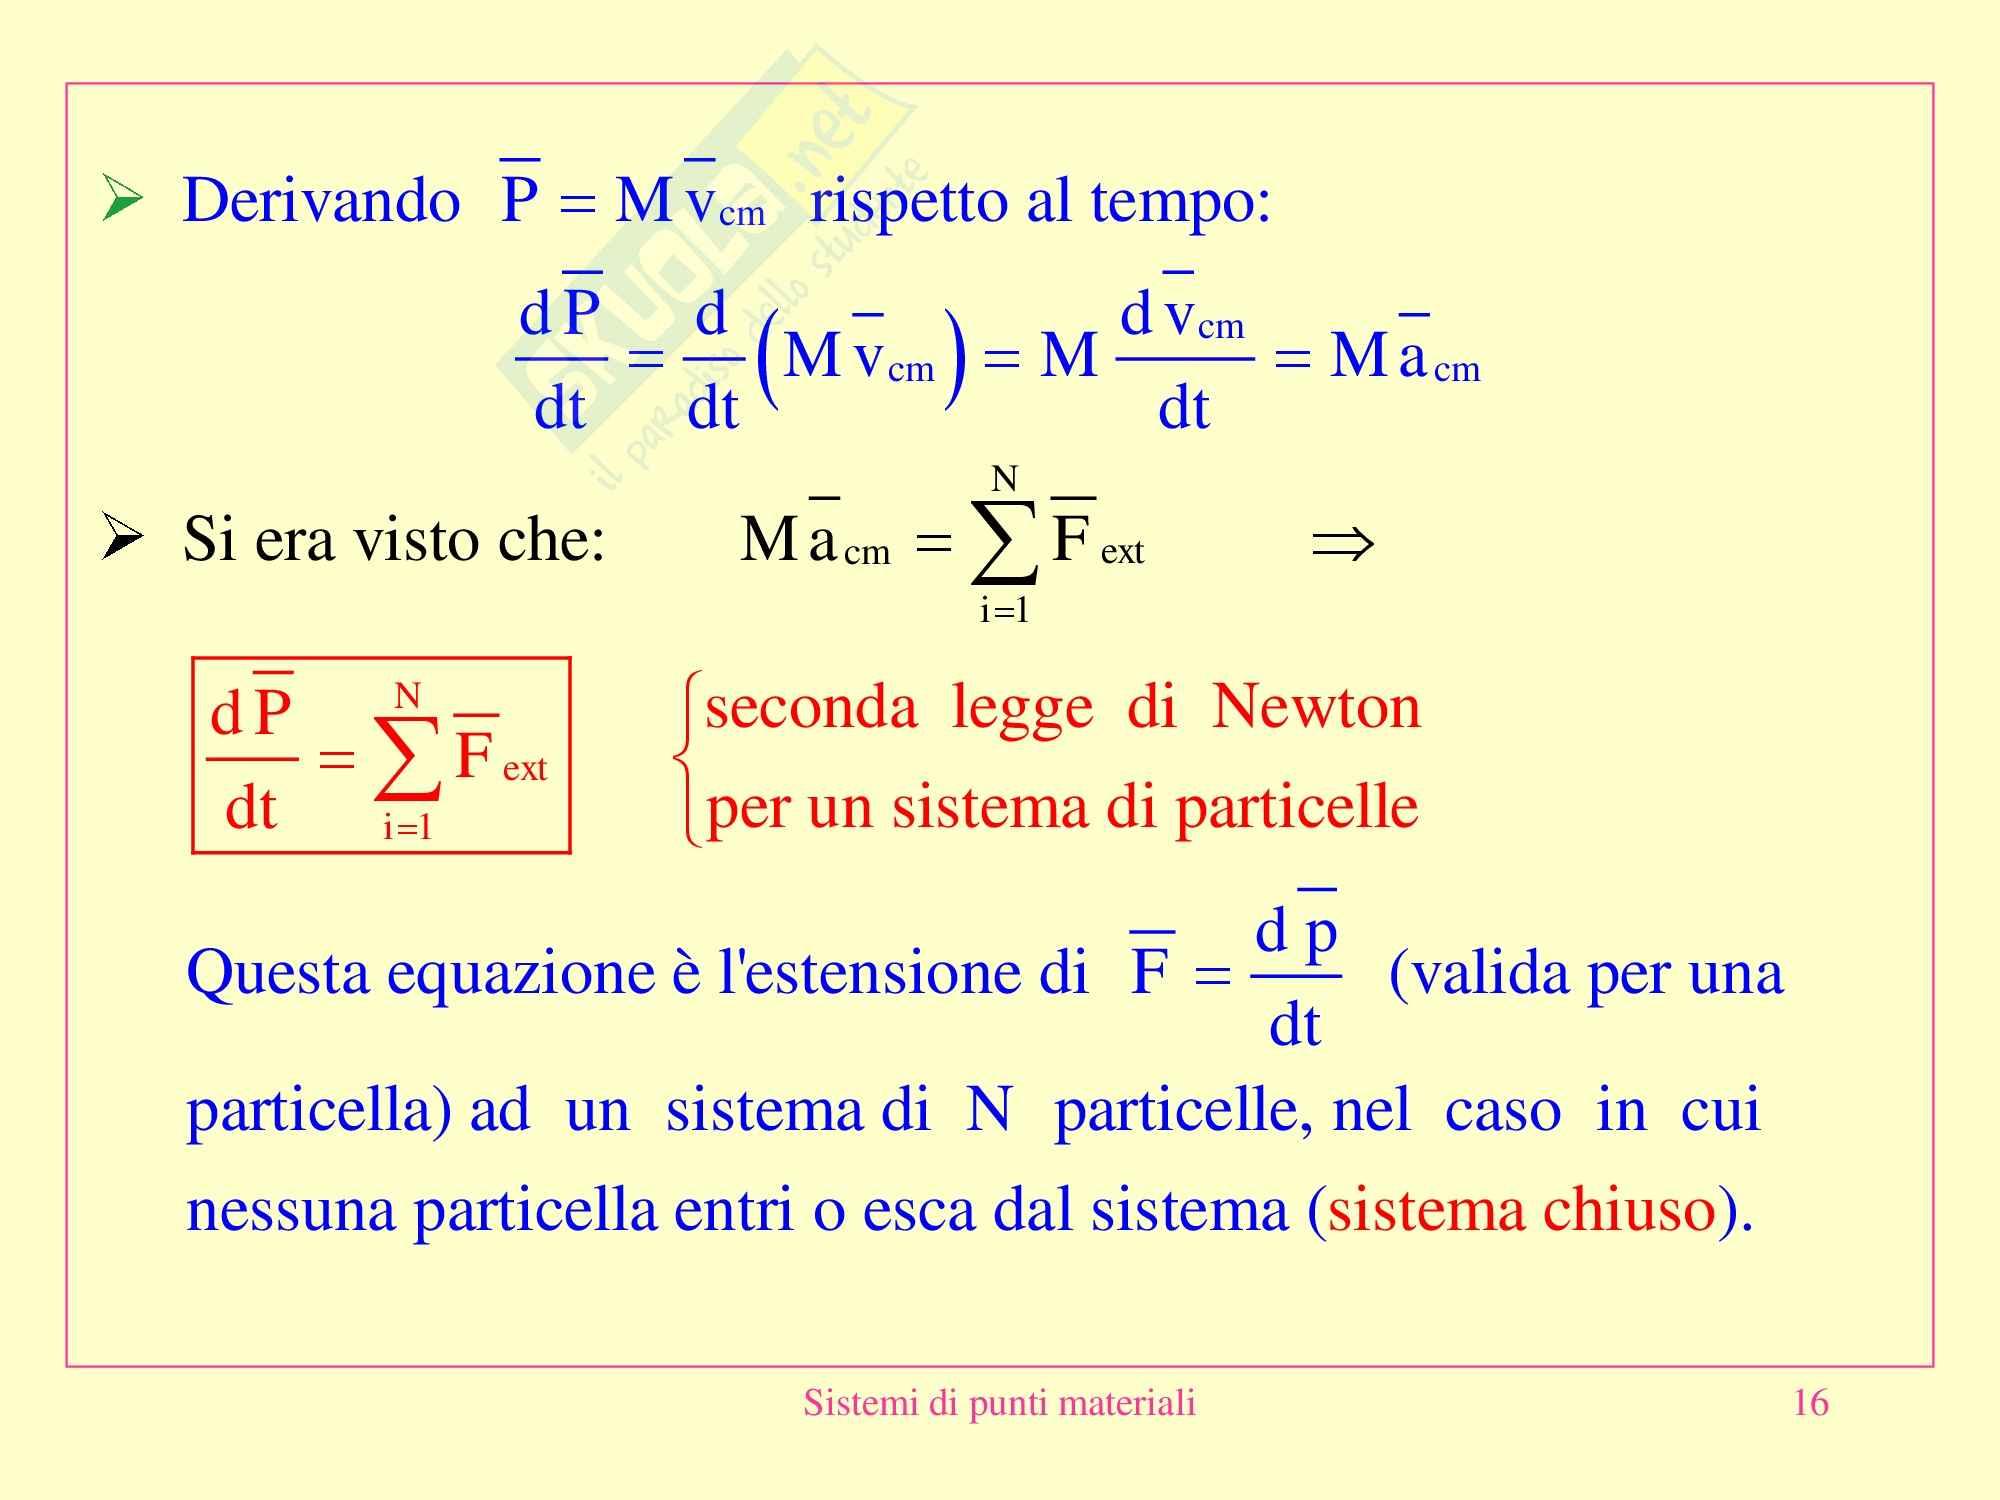 Fisica medica - sistemi di punti materiali Pag. 16